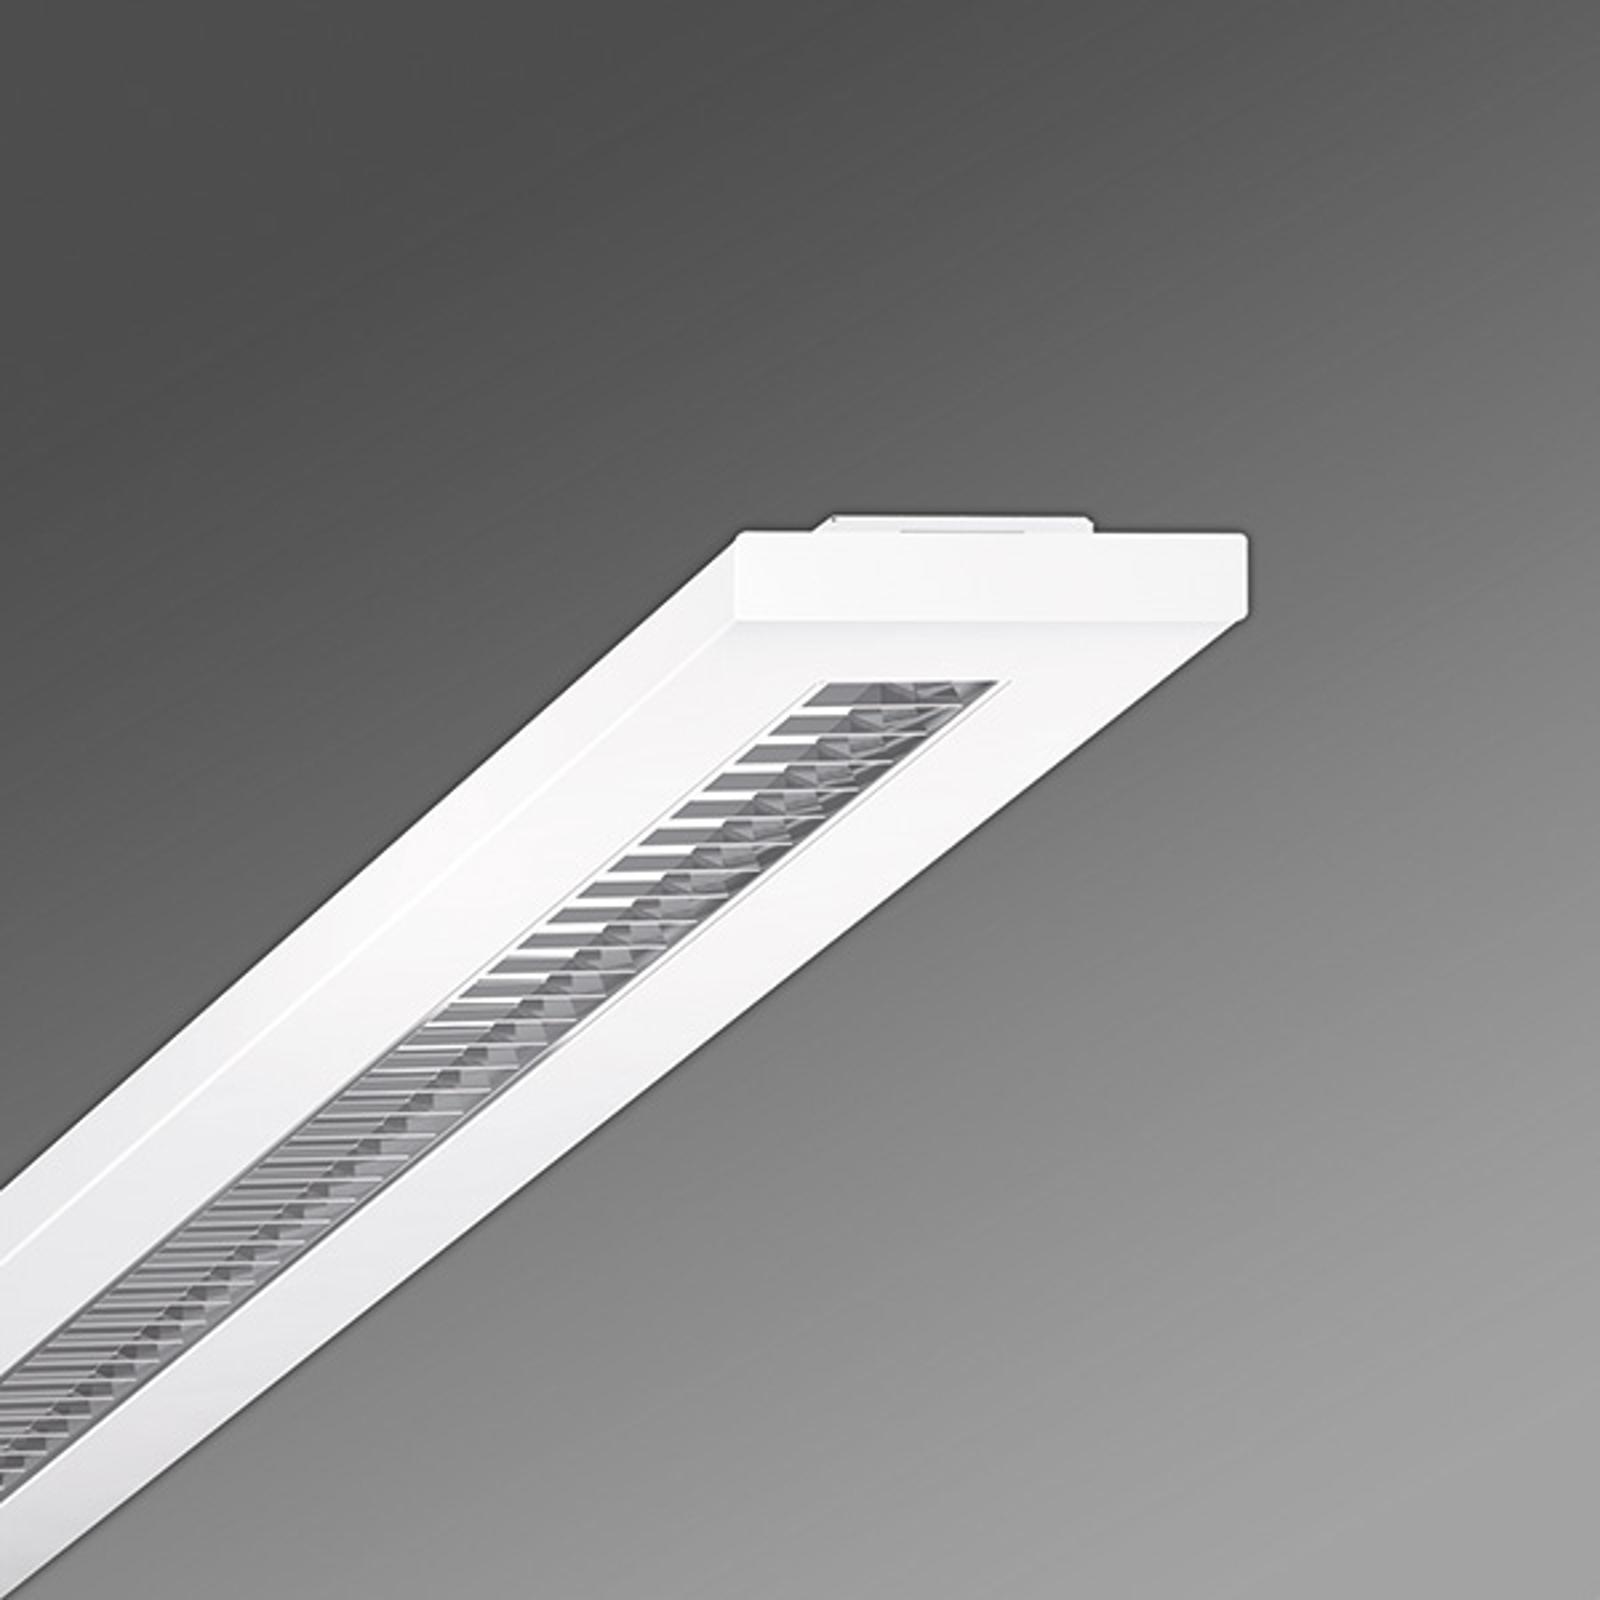 LED-rasterlampa Stail SAX Parabolraster 1200-1